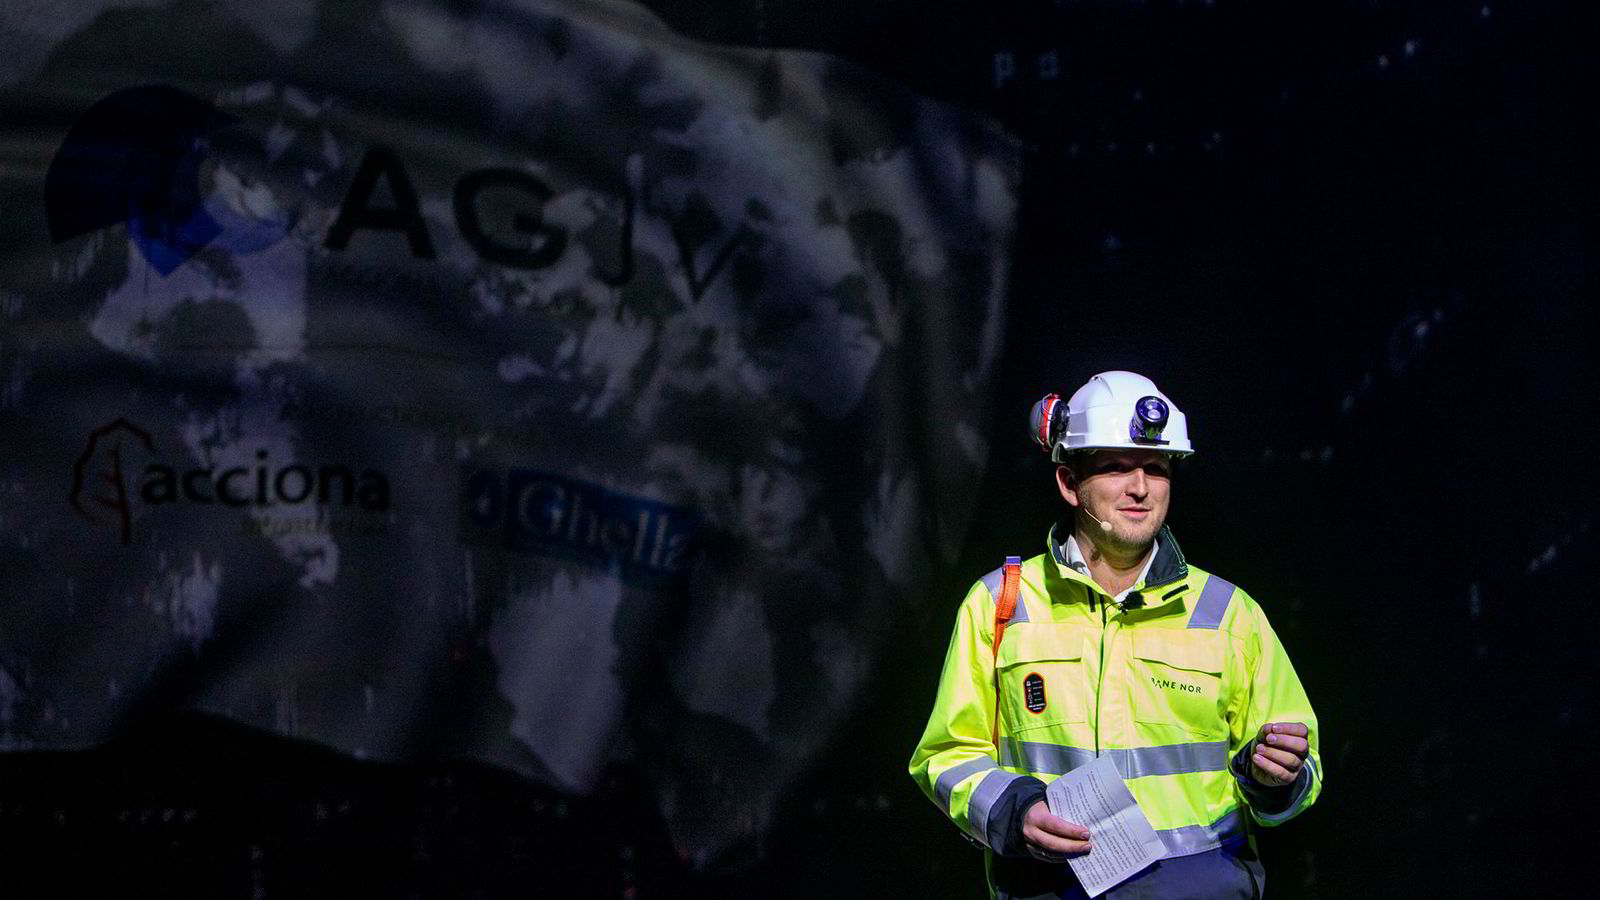 Samferdselsminister Jon Georg Dale skulle gjerne vært Bane Nor-bråket foruten. Her inspiserer han det som blir Nordens lengste jernbanetunnel, på Follobanen mellom Oslo og Ski.